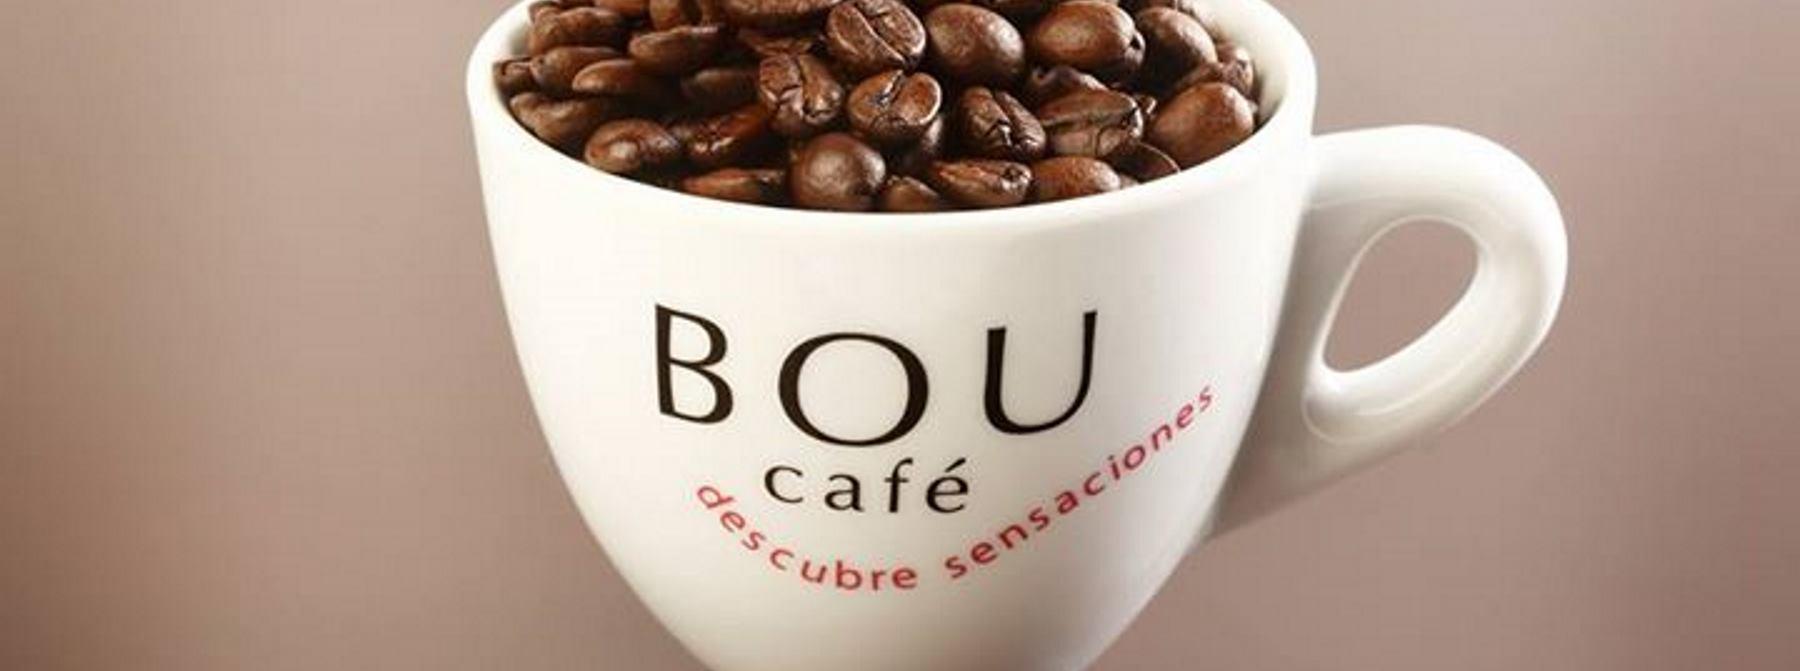 BOU-CAFE Prva španjolska kava u Hrvatskoj